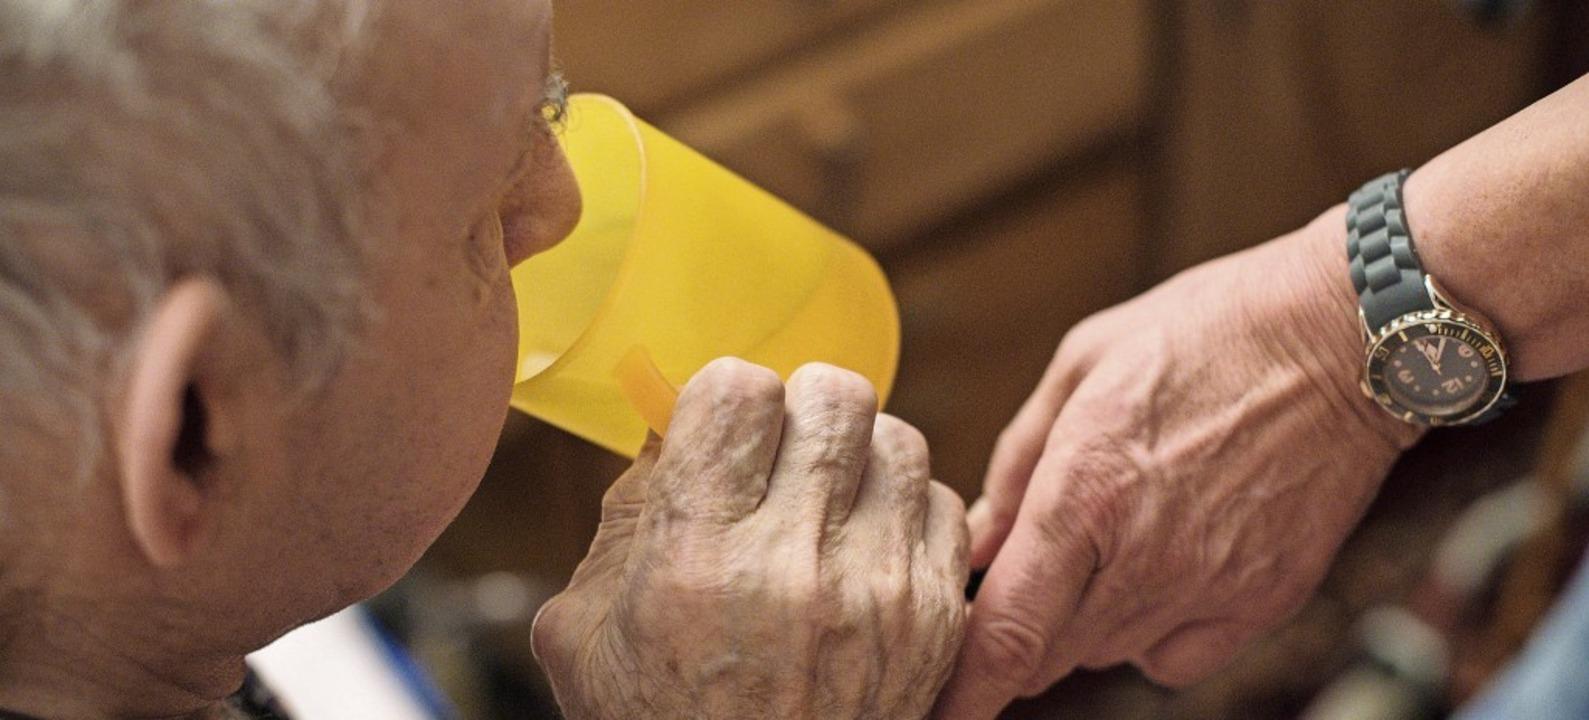 Eine ambulante Pflegerin hilft einem alten Mann bei der Tabletteneinnahme.    Foto: Jana Bauch (dpa)